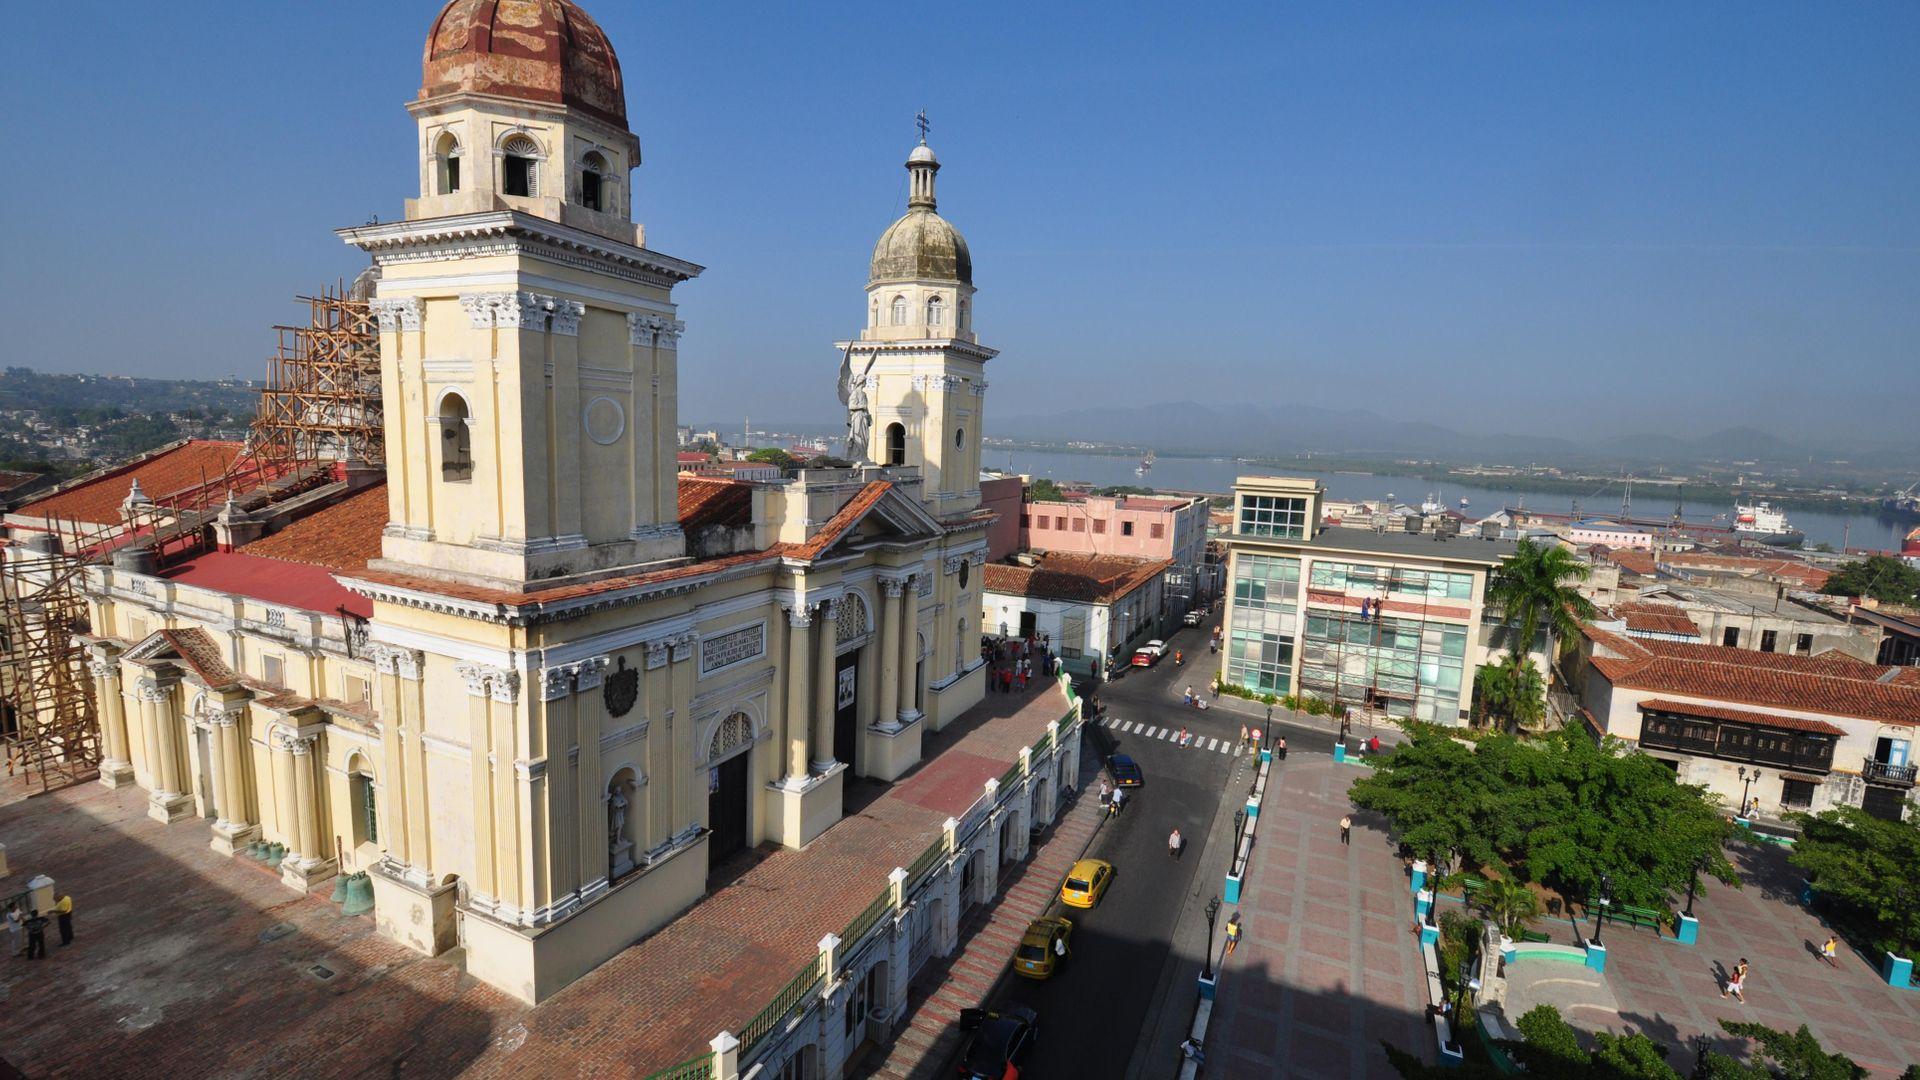 Circuit de grup - Experience Cuba Linda, Martie 2022 -  16 zile cu Yulicary Sarracent